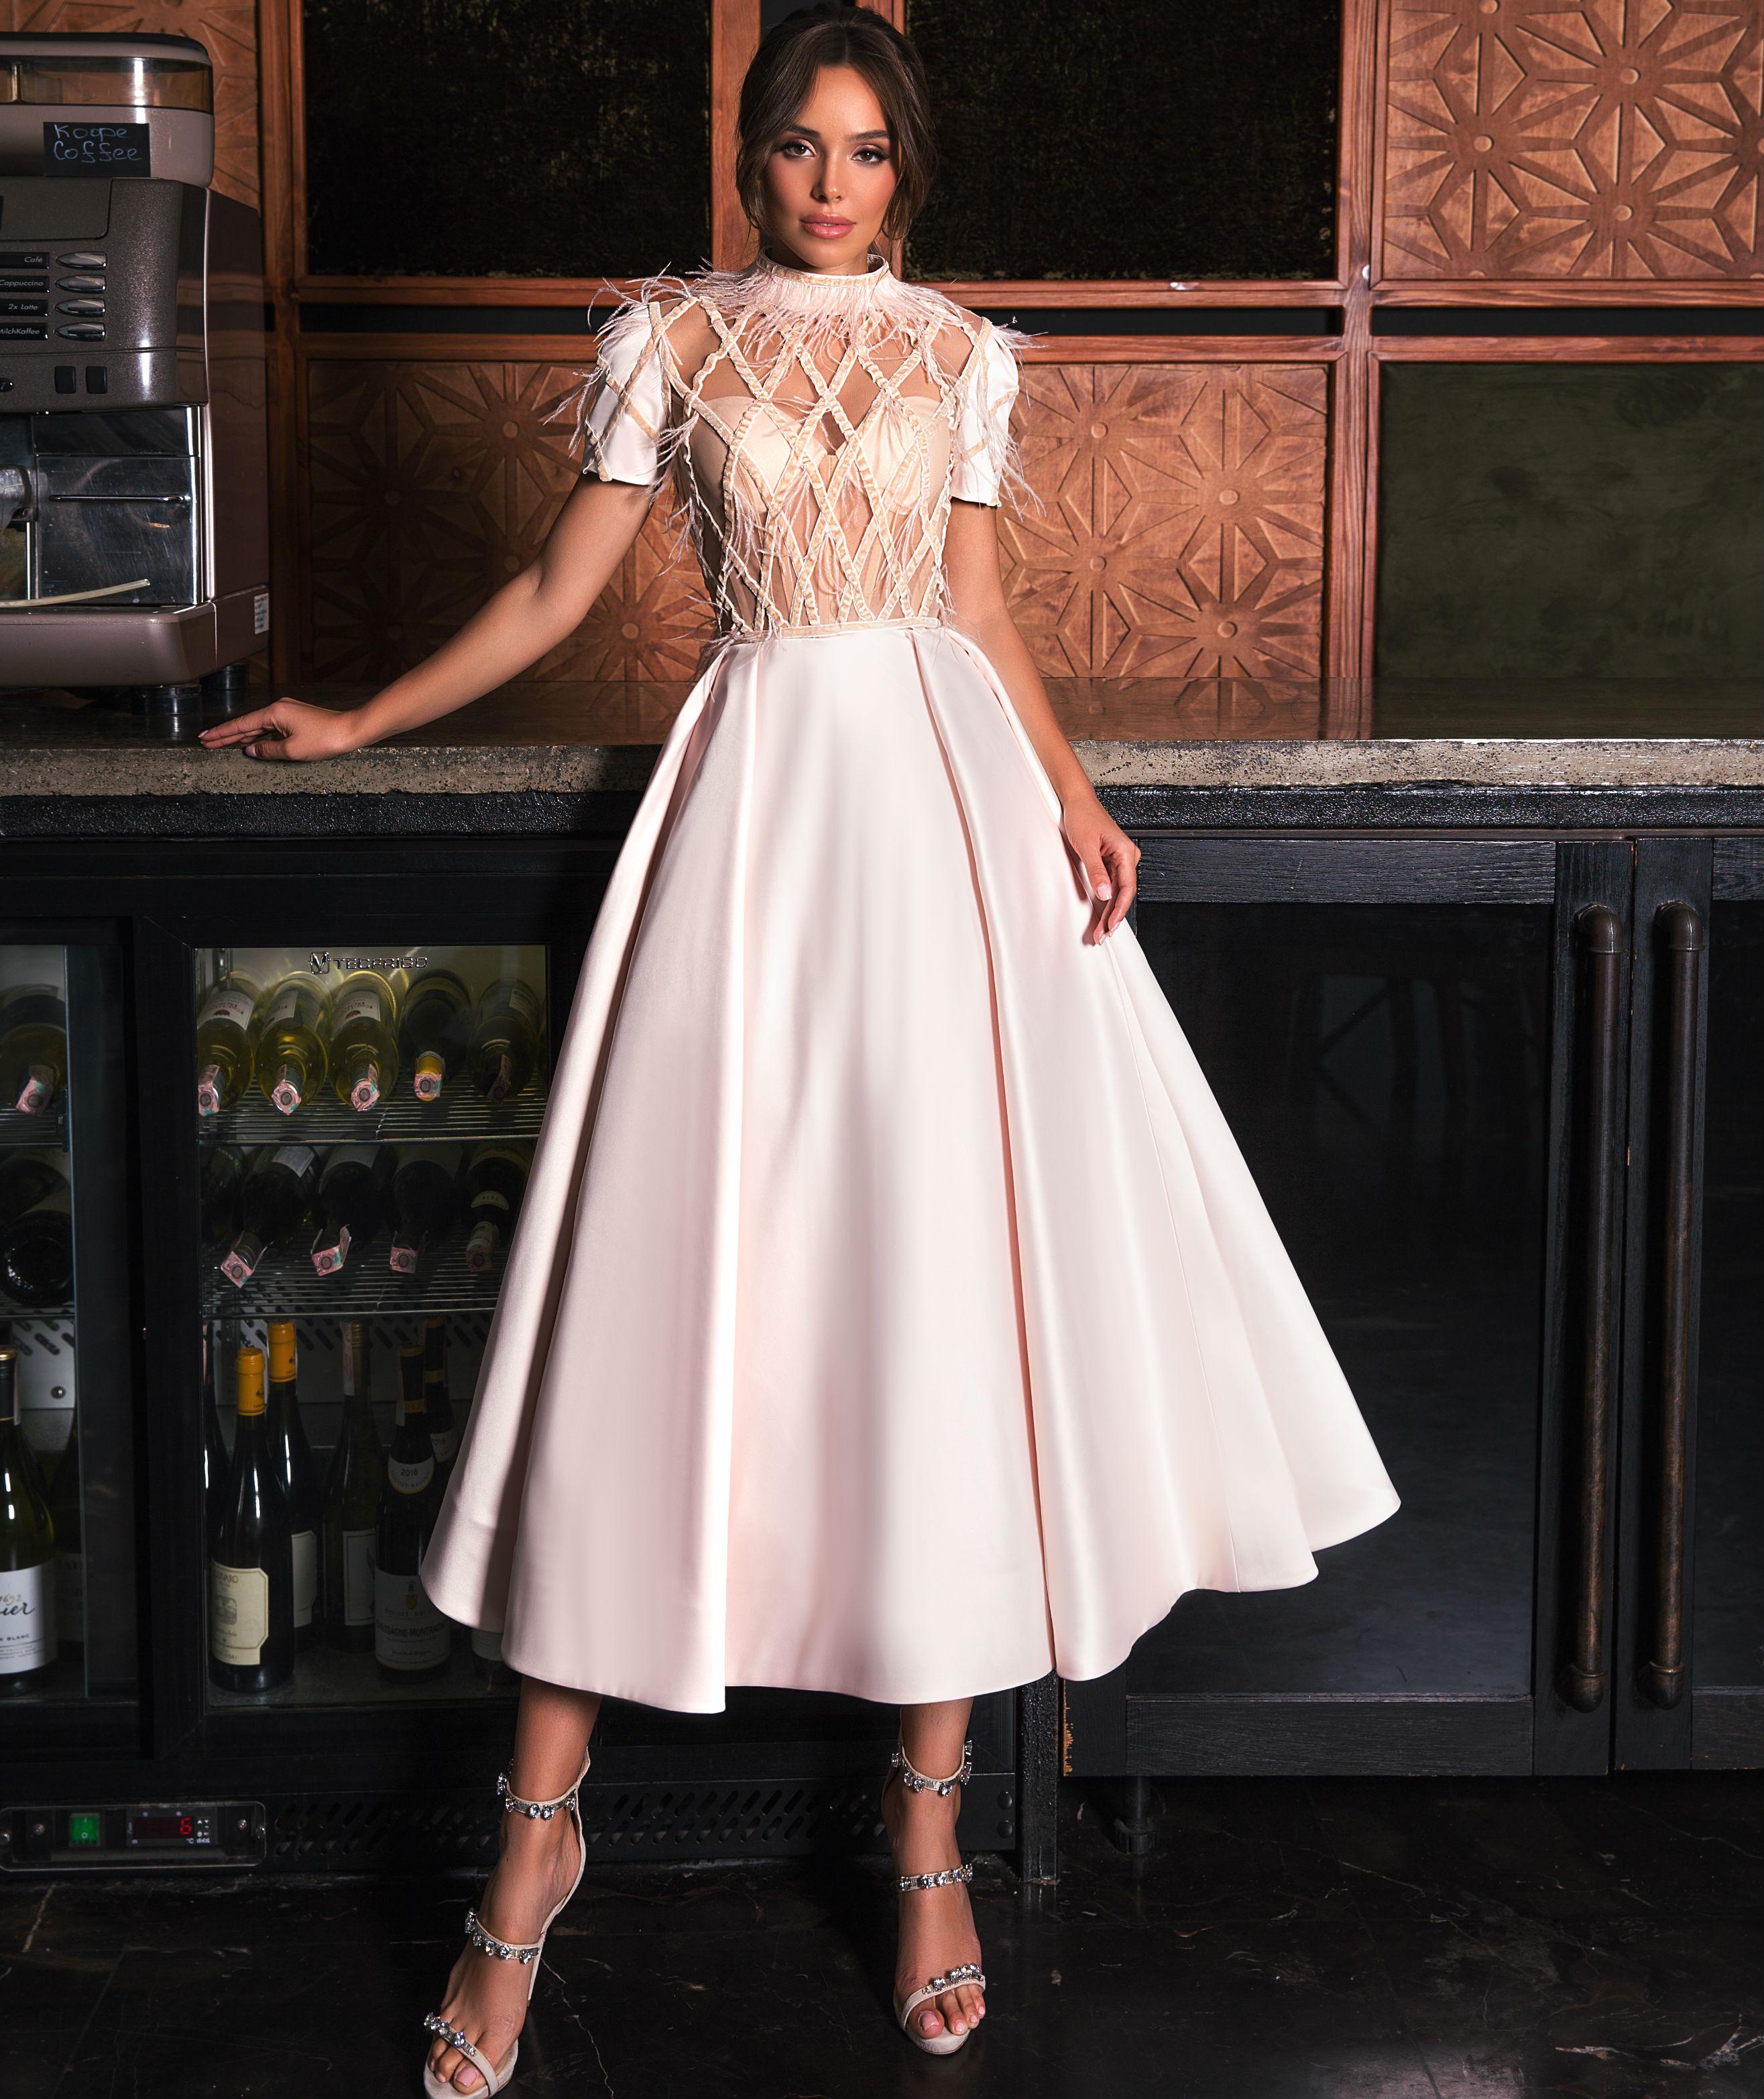 вечерняя мода платья миди фото классическом